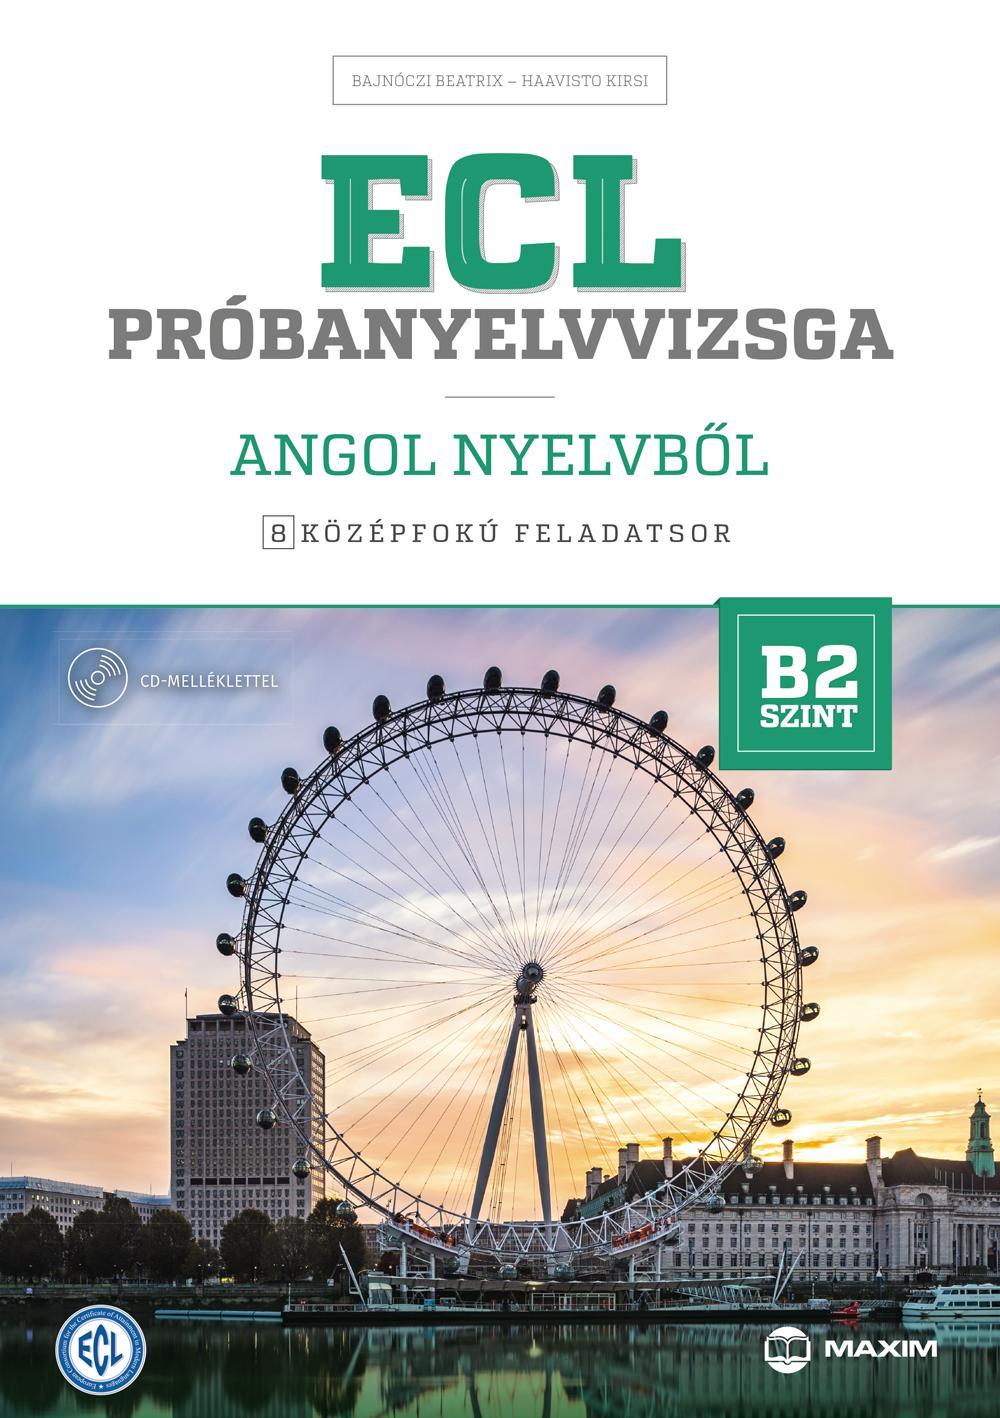 Haavisto Kirsi - ECL próbanyelvvizsga angol – 8 középfokú feladatsor – B2 szint - CD-vel